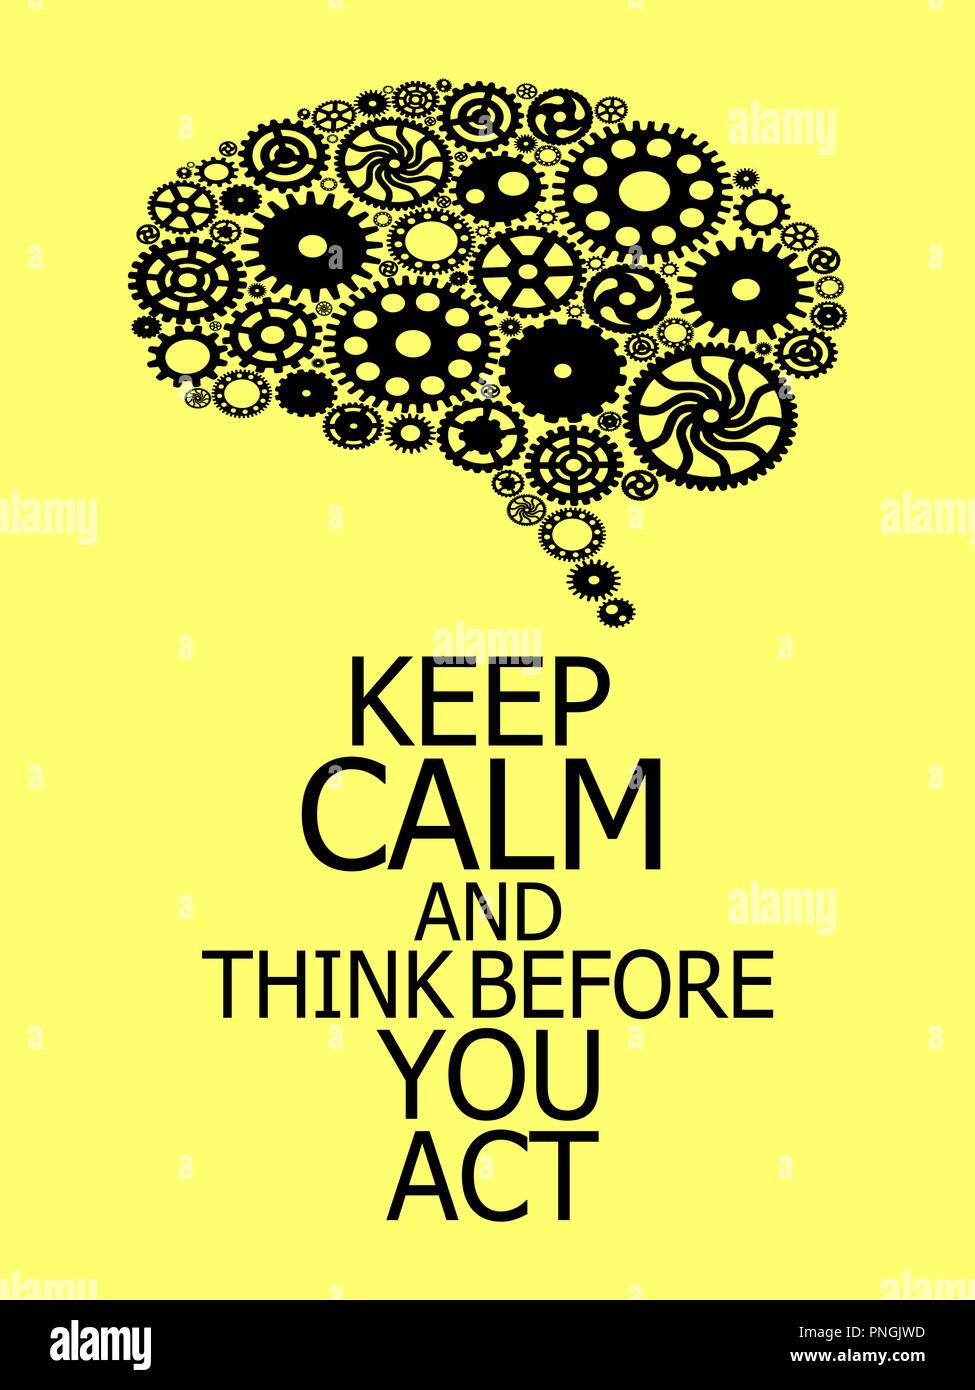 Keep Calm Stock Photos & Keep Calm Stock Images - Alamy